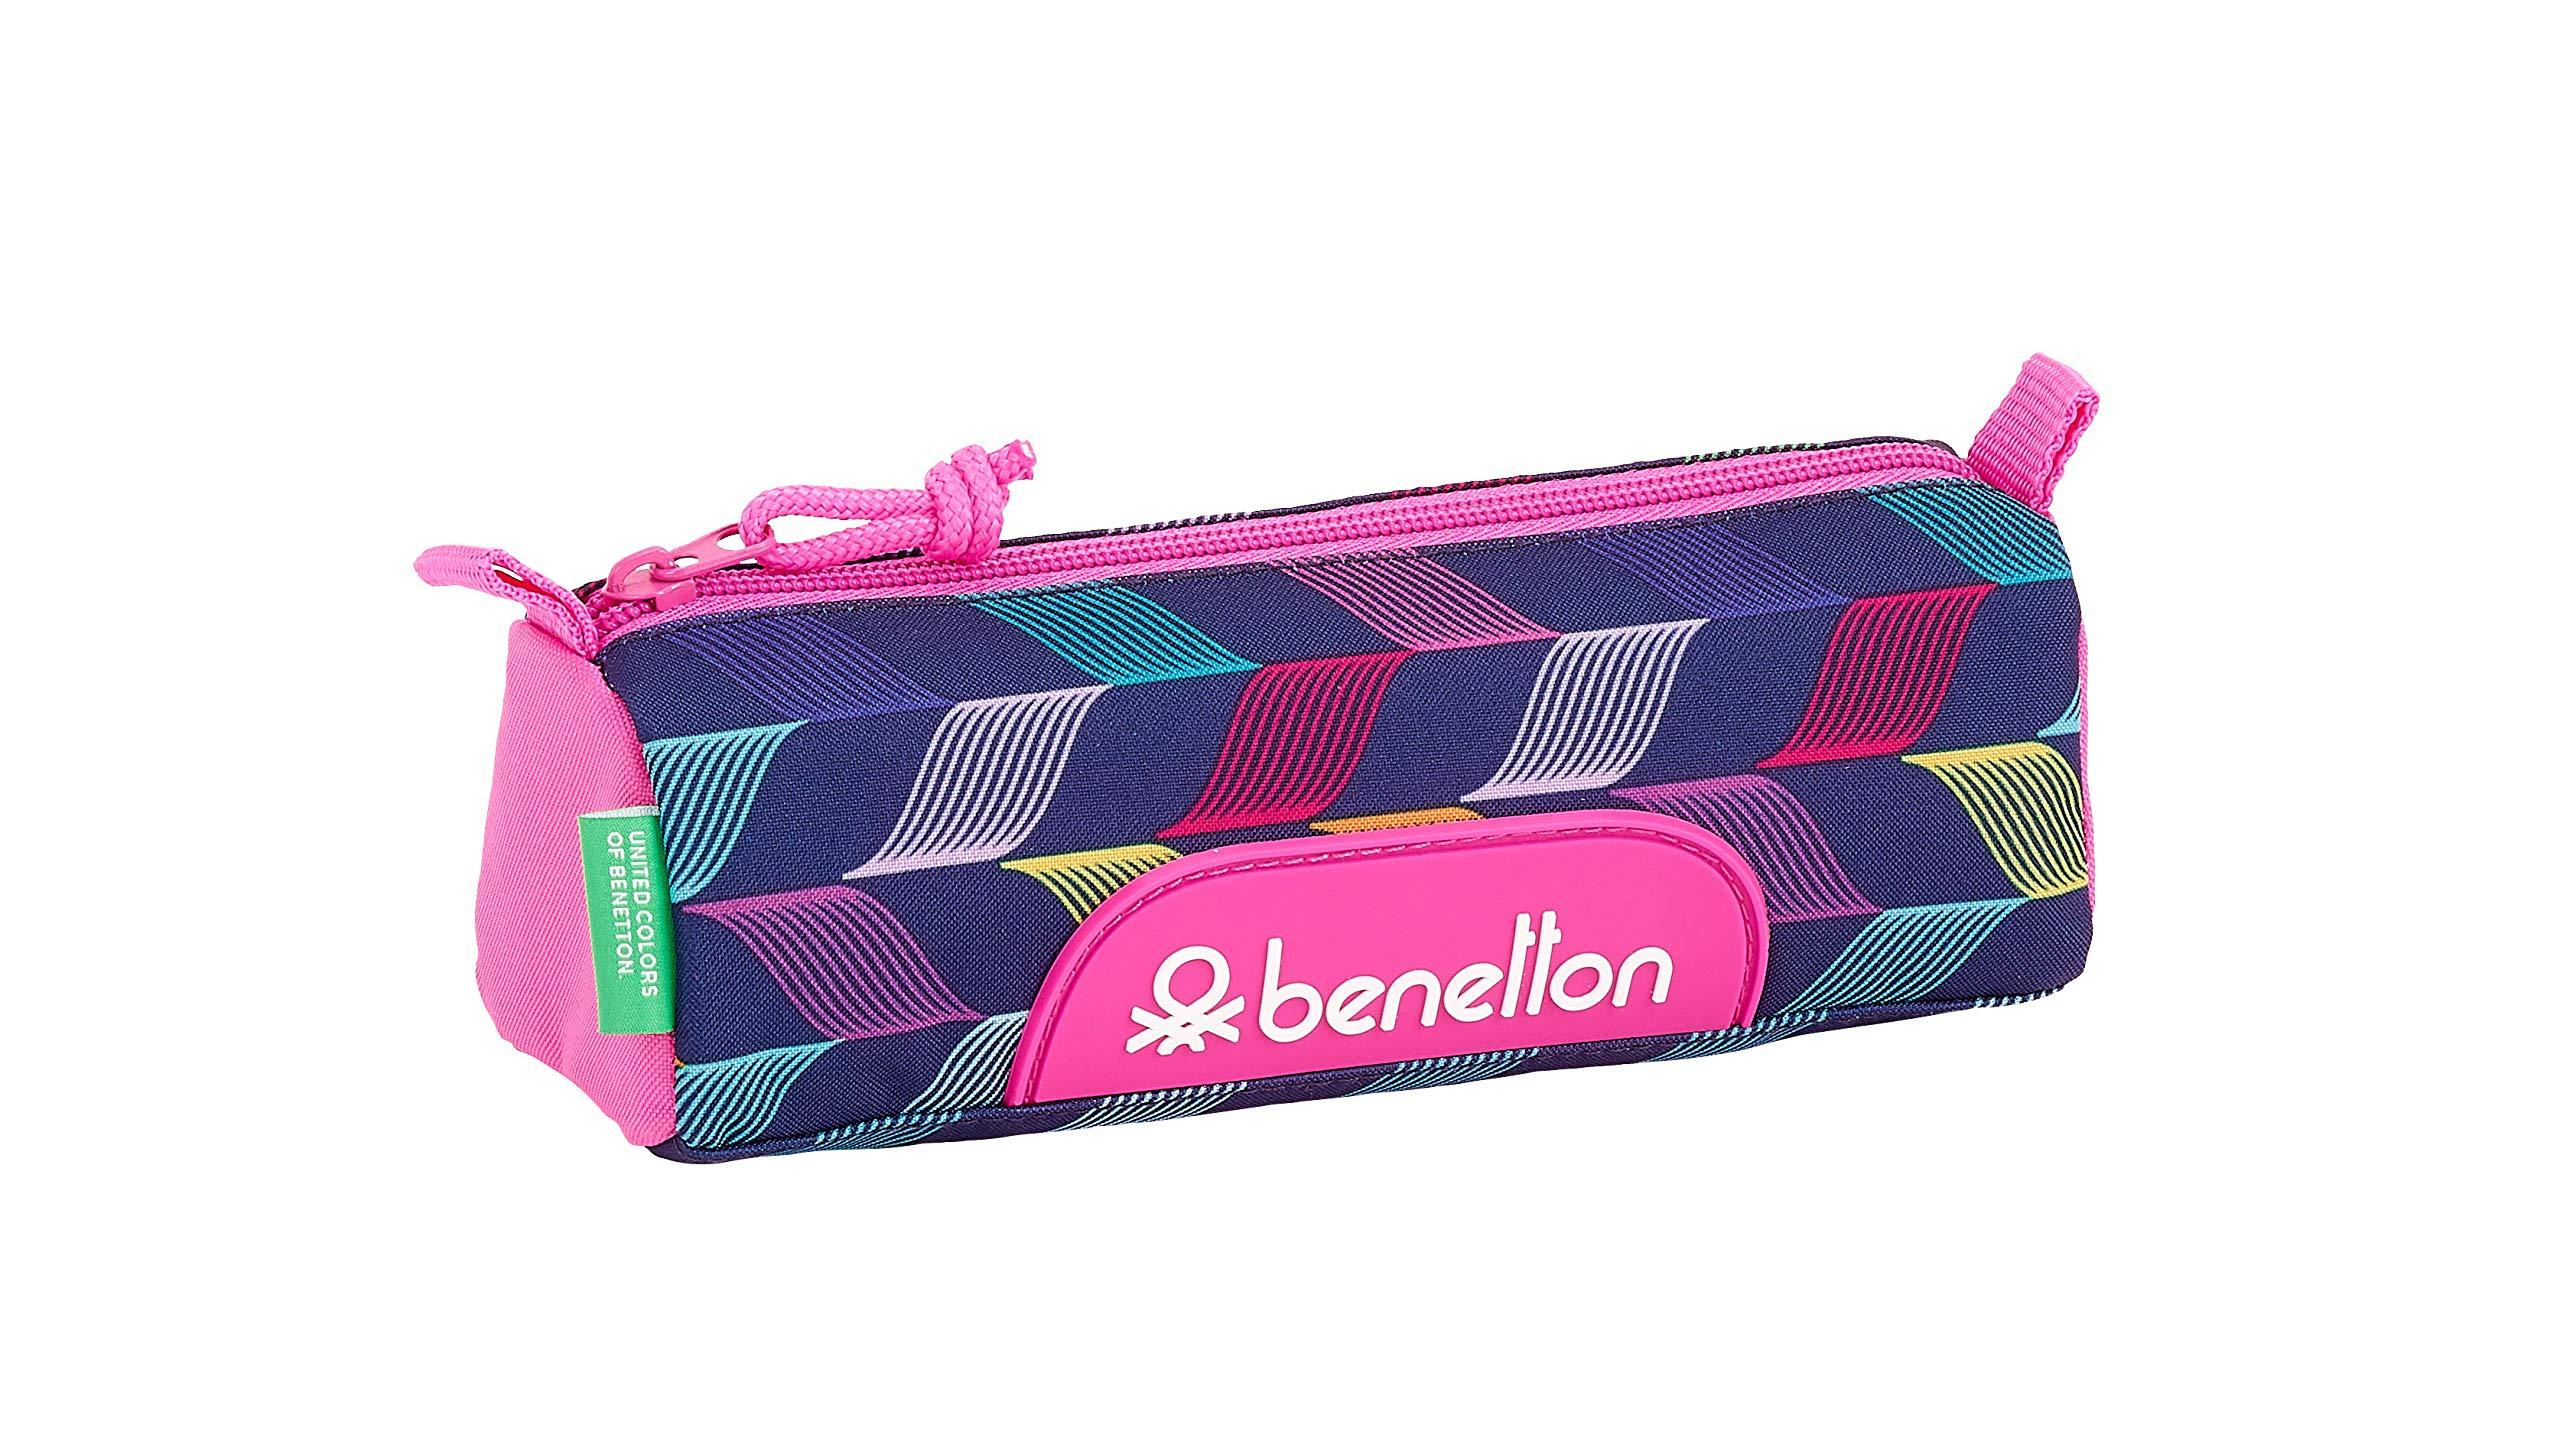 Benetton «Ondas» Oficial Estuche Escolar 210x70x80mm